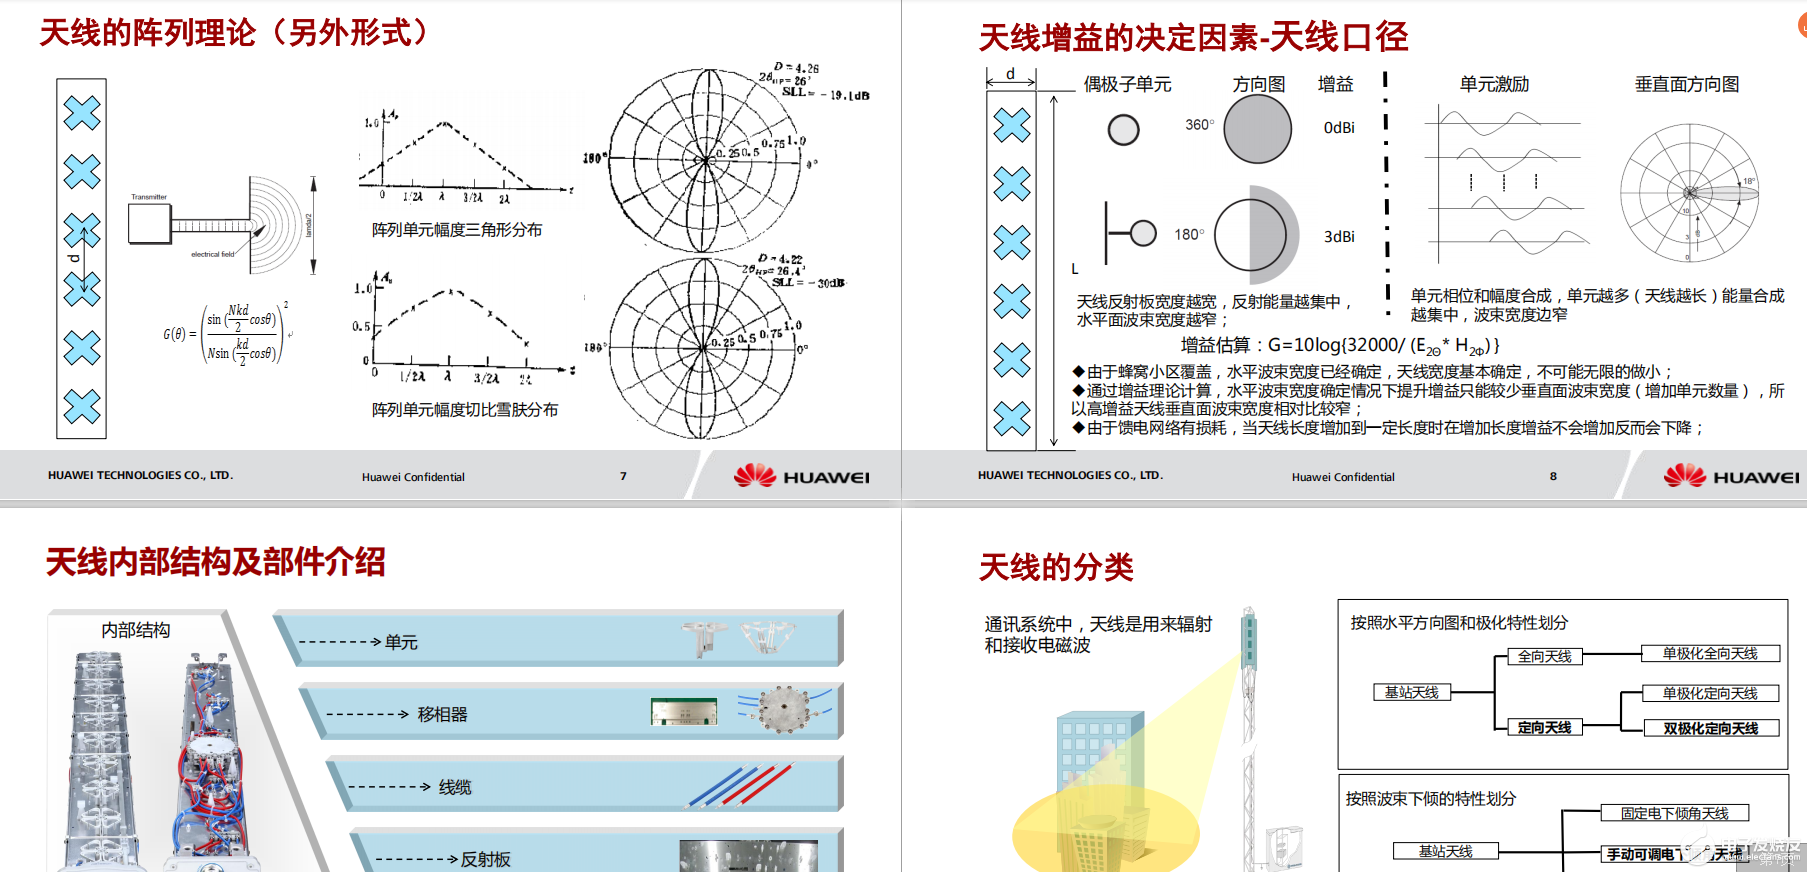 【分享】分享三個華為內部資料~防護電路+天線基礎+硬件~